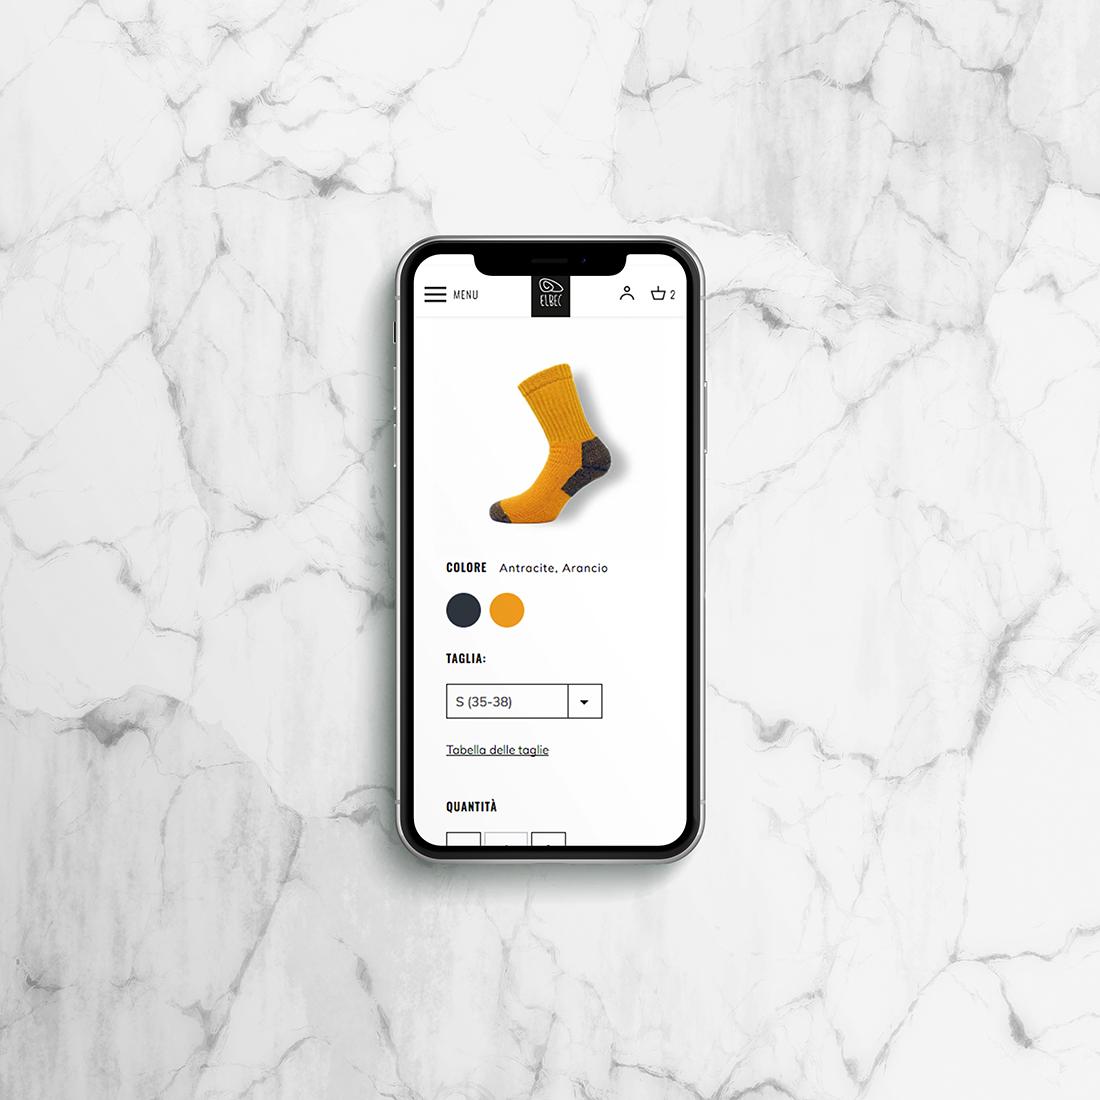 progettazione Mobile web Elbec